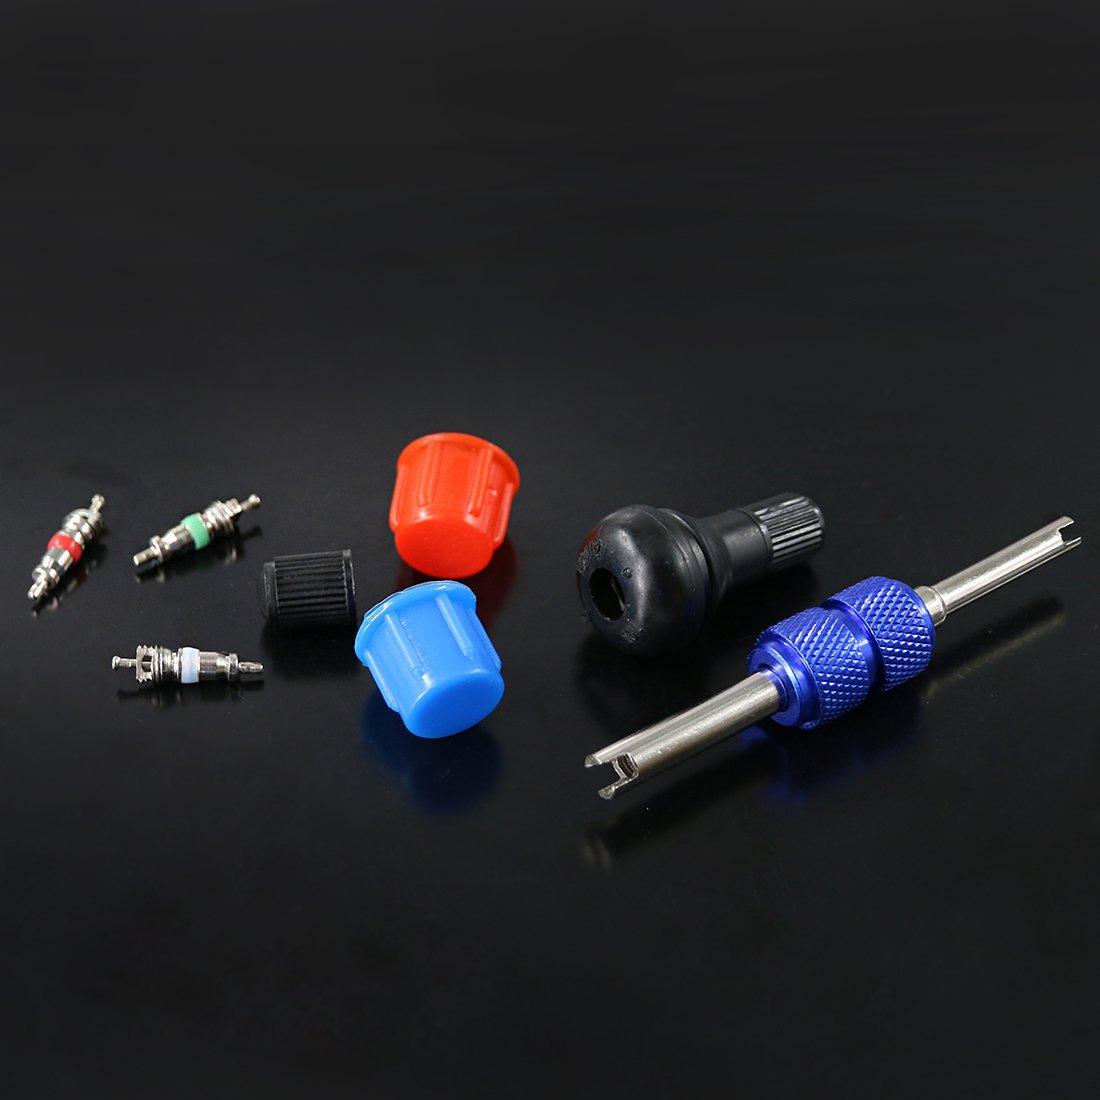 #10-32 Thread Size 0.285 Installed Length Pack of 10 E-Z Lok SK30615 Helical Threaded Insert Kit 304 Stainless Steel